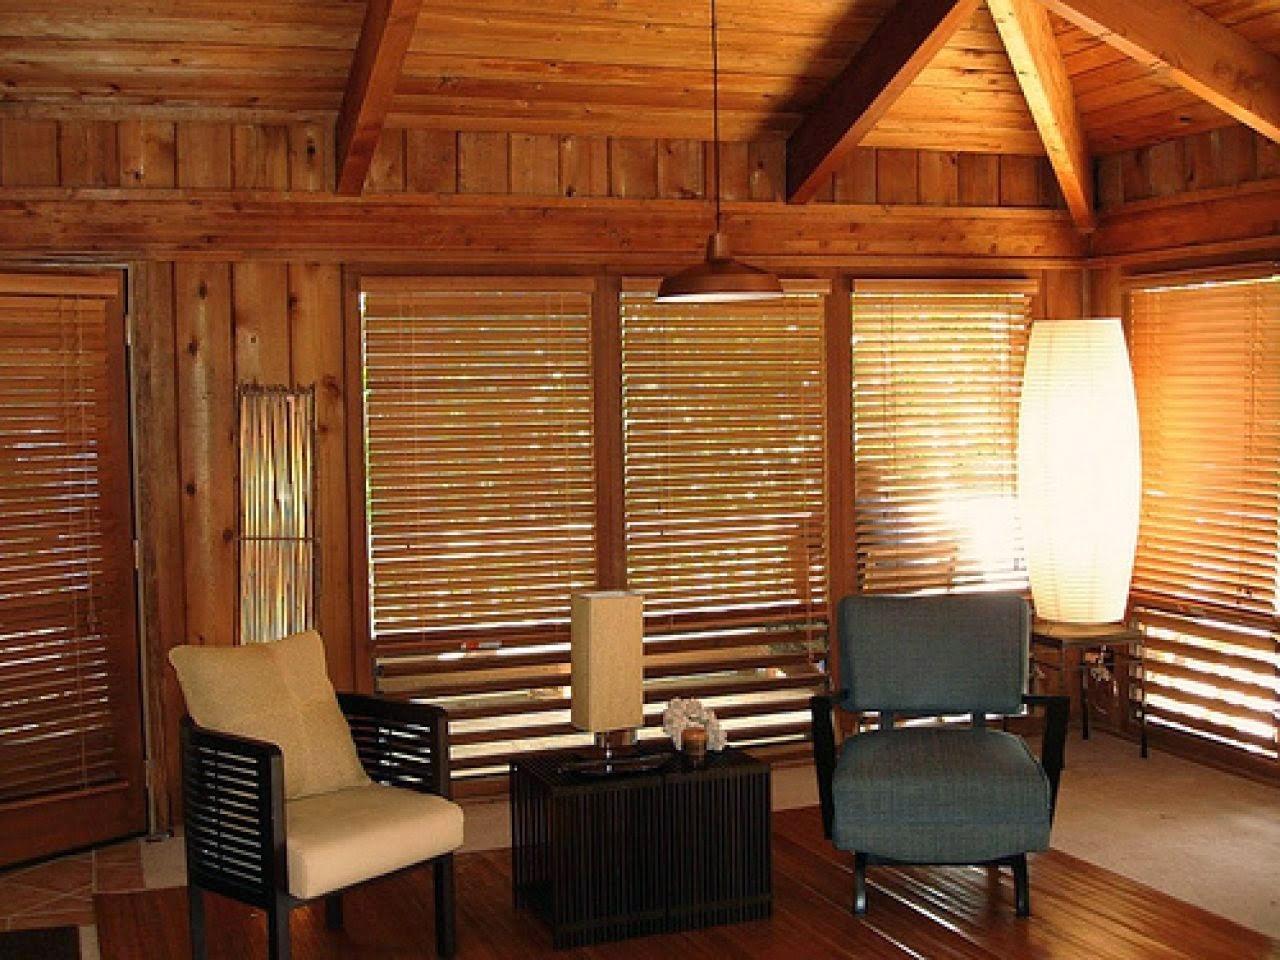 Id ias de decora o r stica para salas x decora o de for Sala de estar estilo rustico